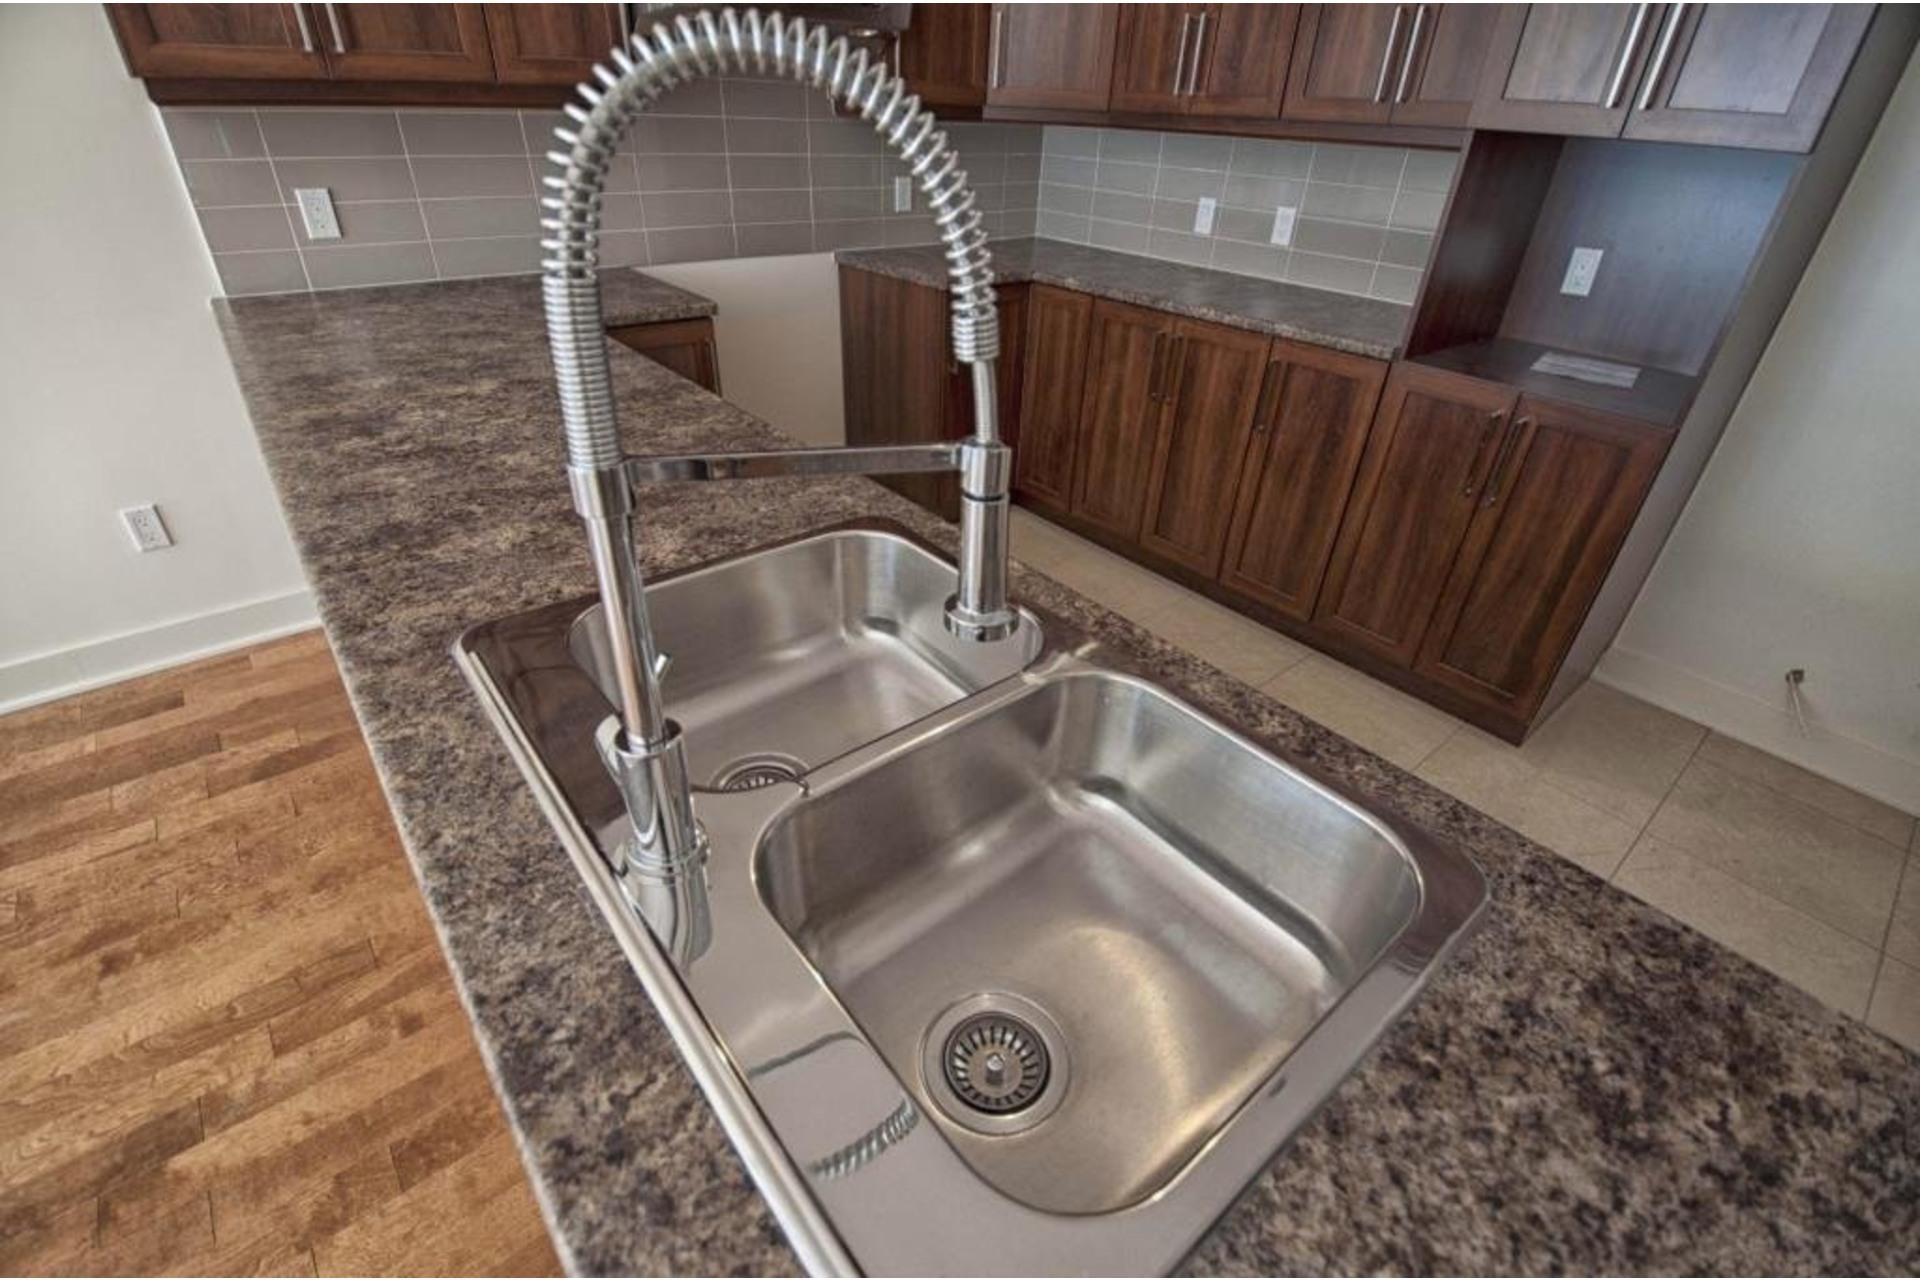 image 7 - Apartment For rent Rivière-des-Prairies/Pointe-aux-Trembles Montréal  - 6 rooms